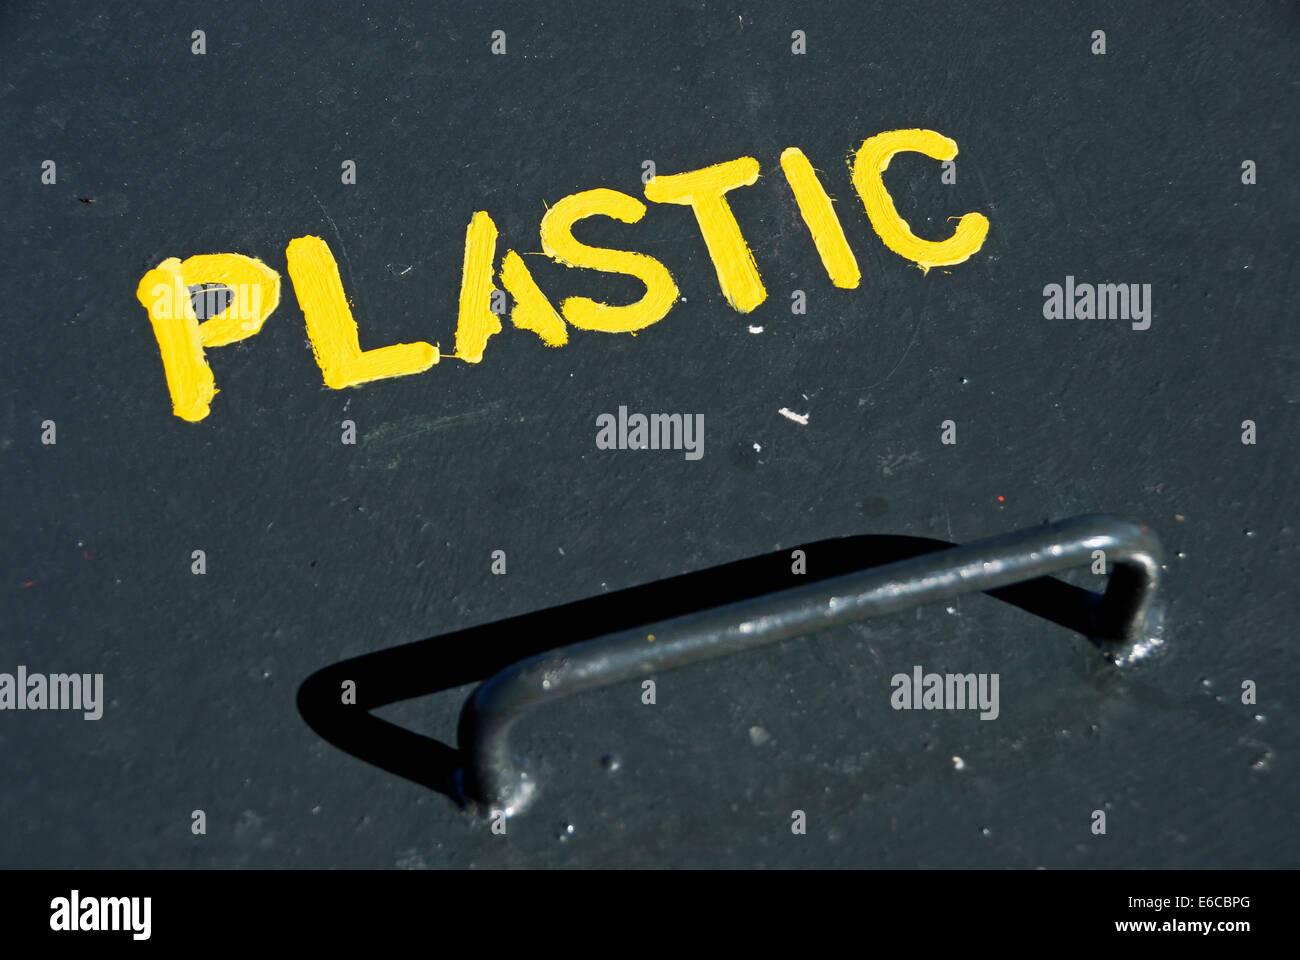 Bac de recyclage plastique top Photo Stock